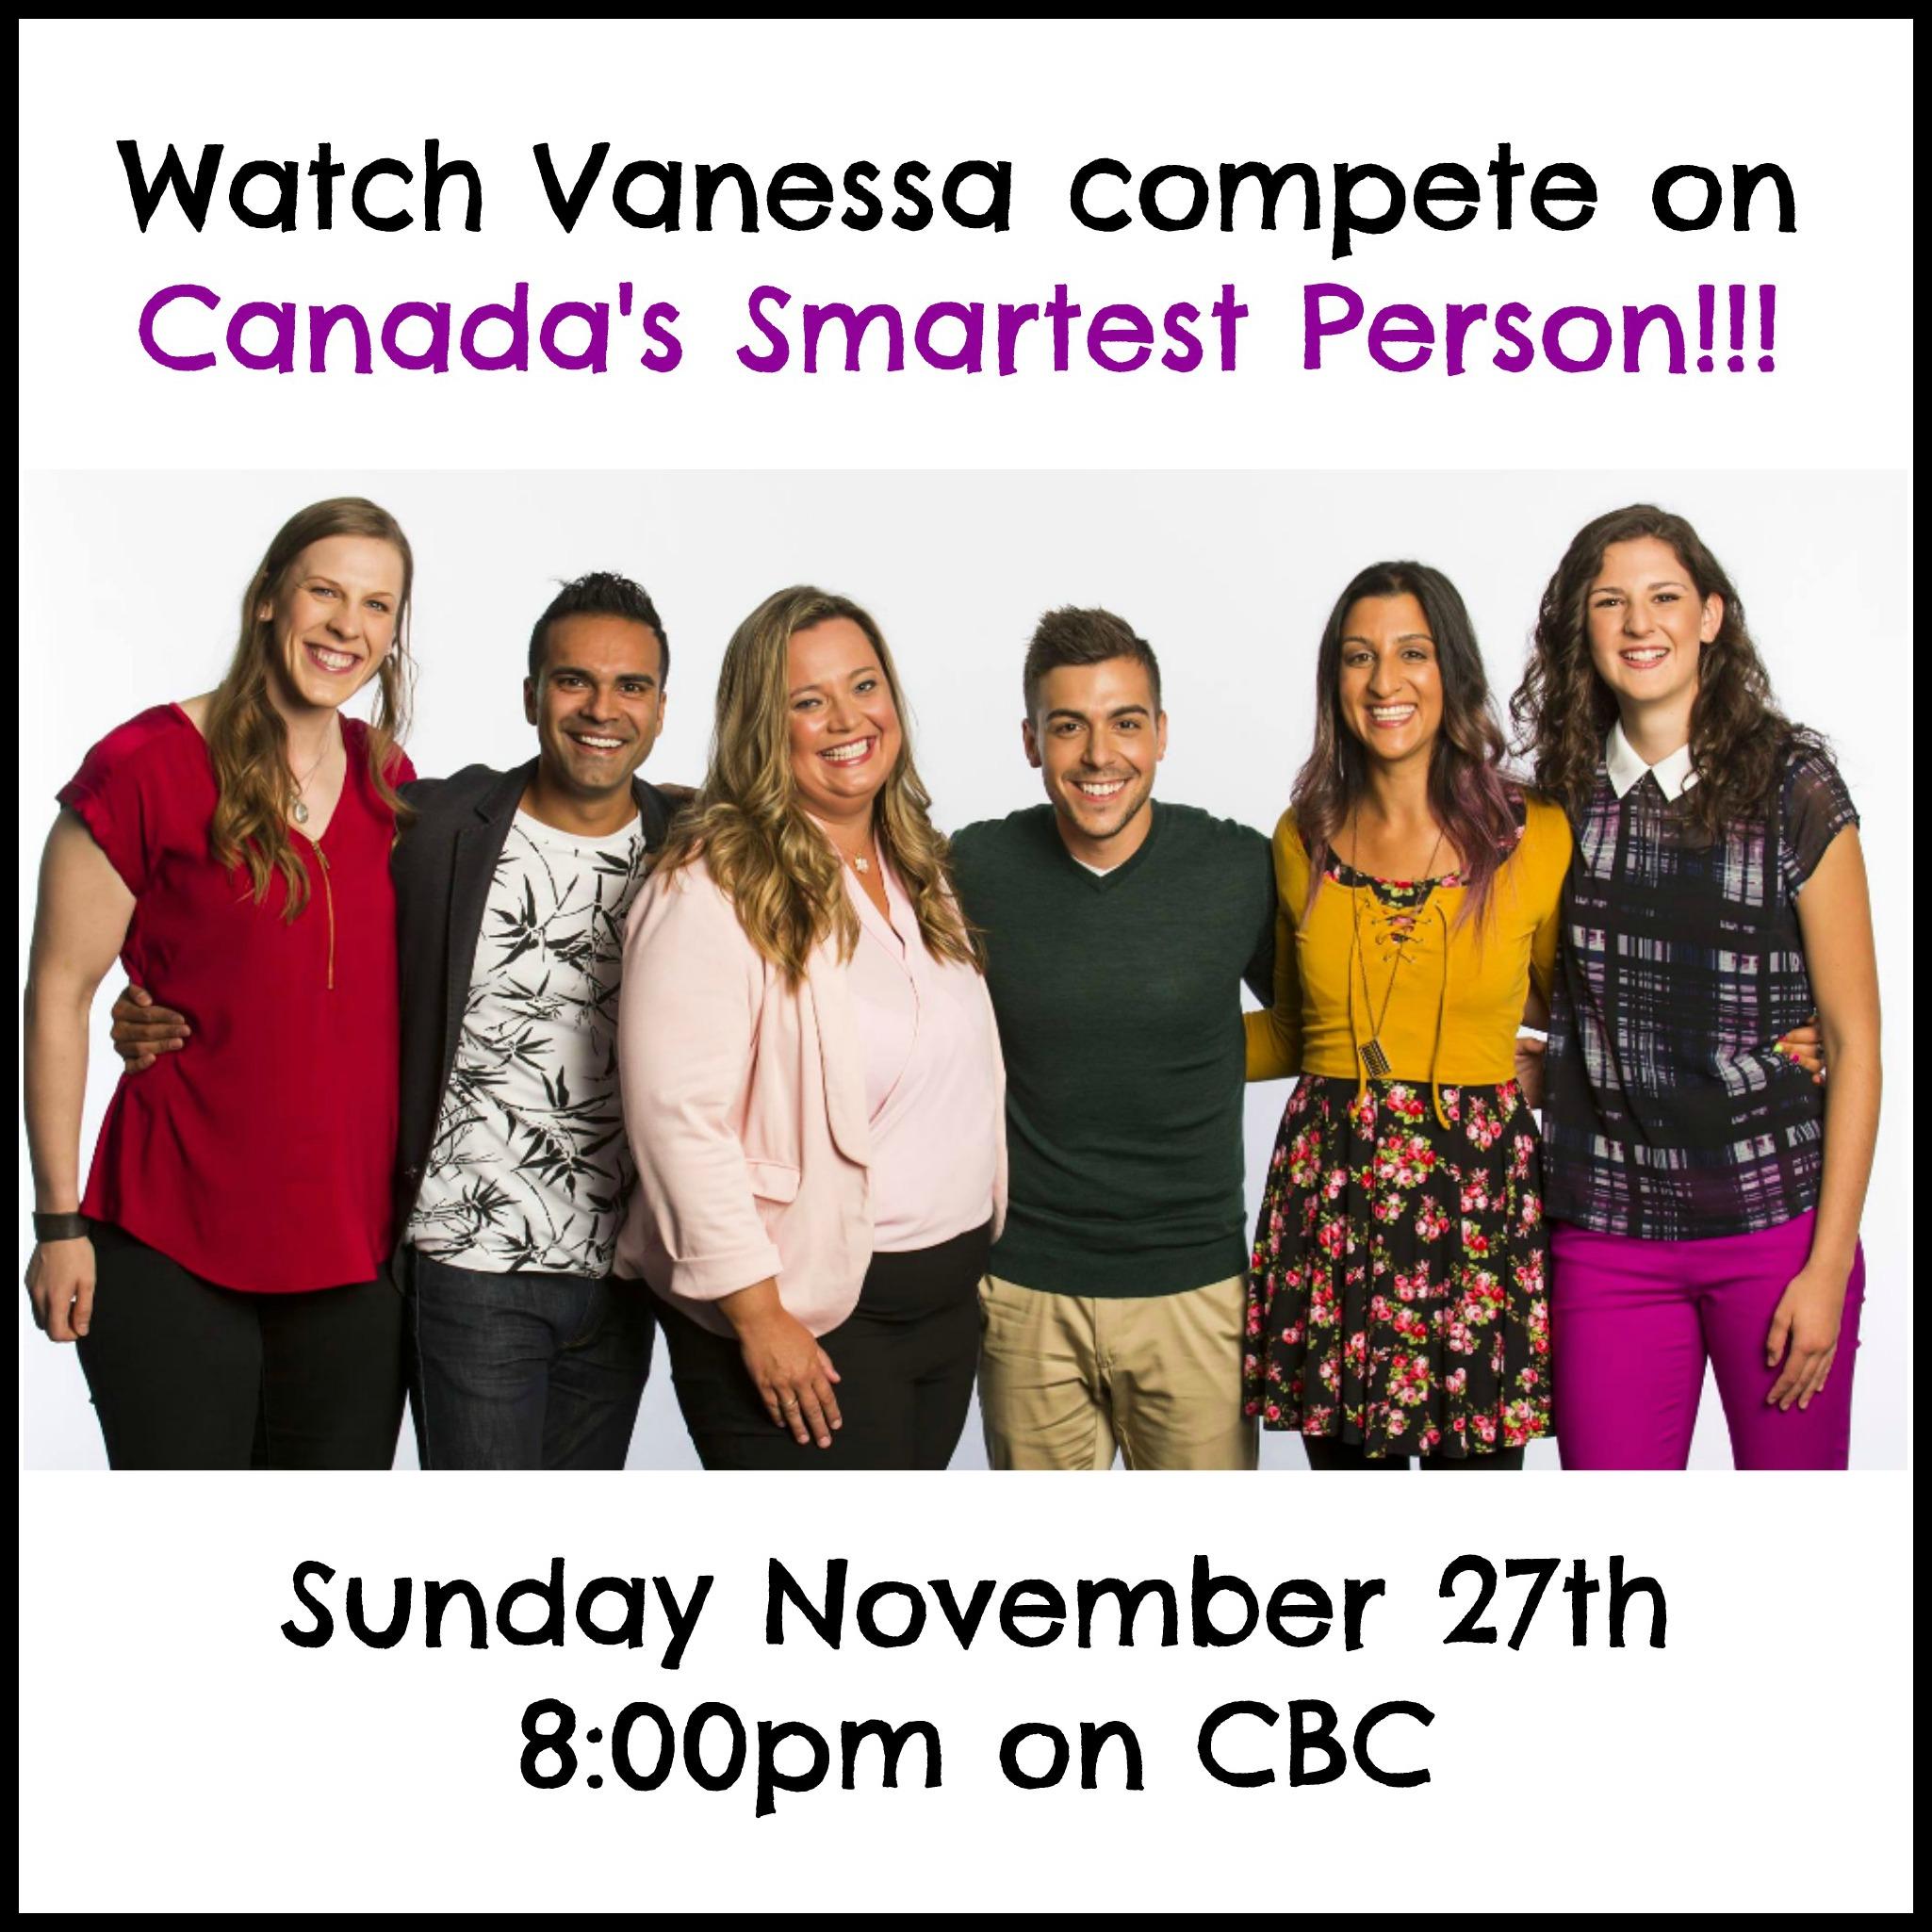 Canada's Smartest Person November 2016